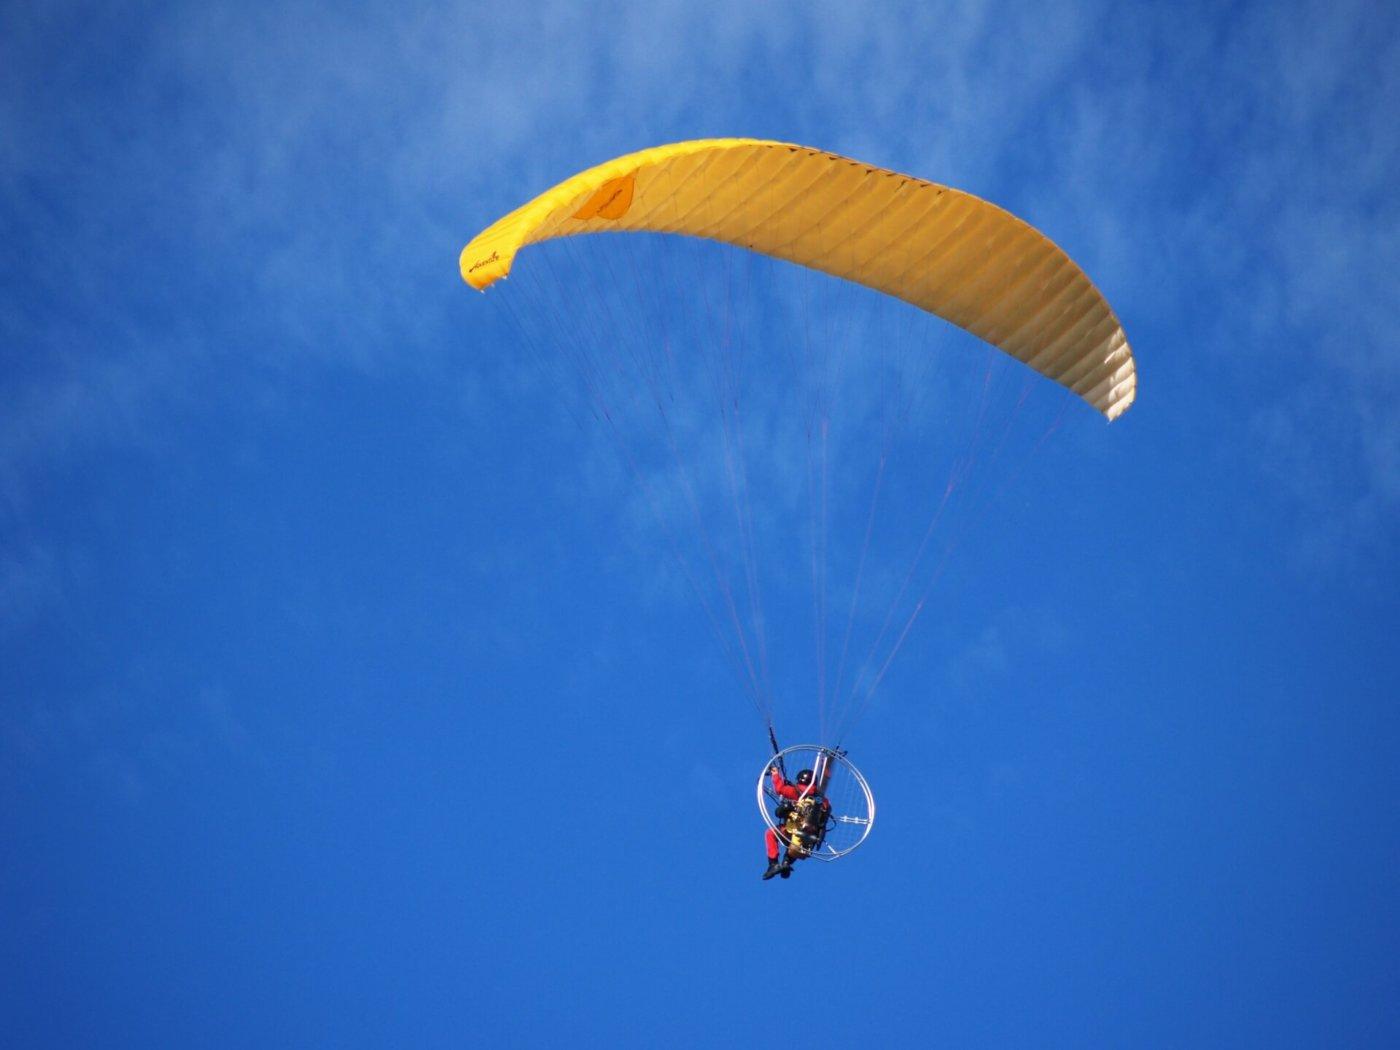 パラグライダーに挑戦しよう!関西で体験できるスポットはココ!